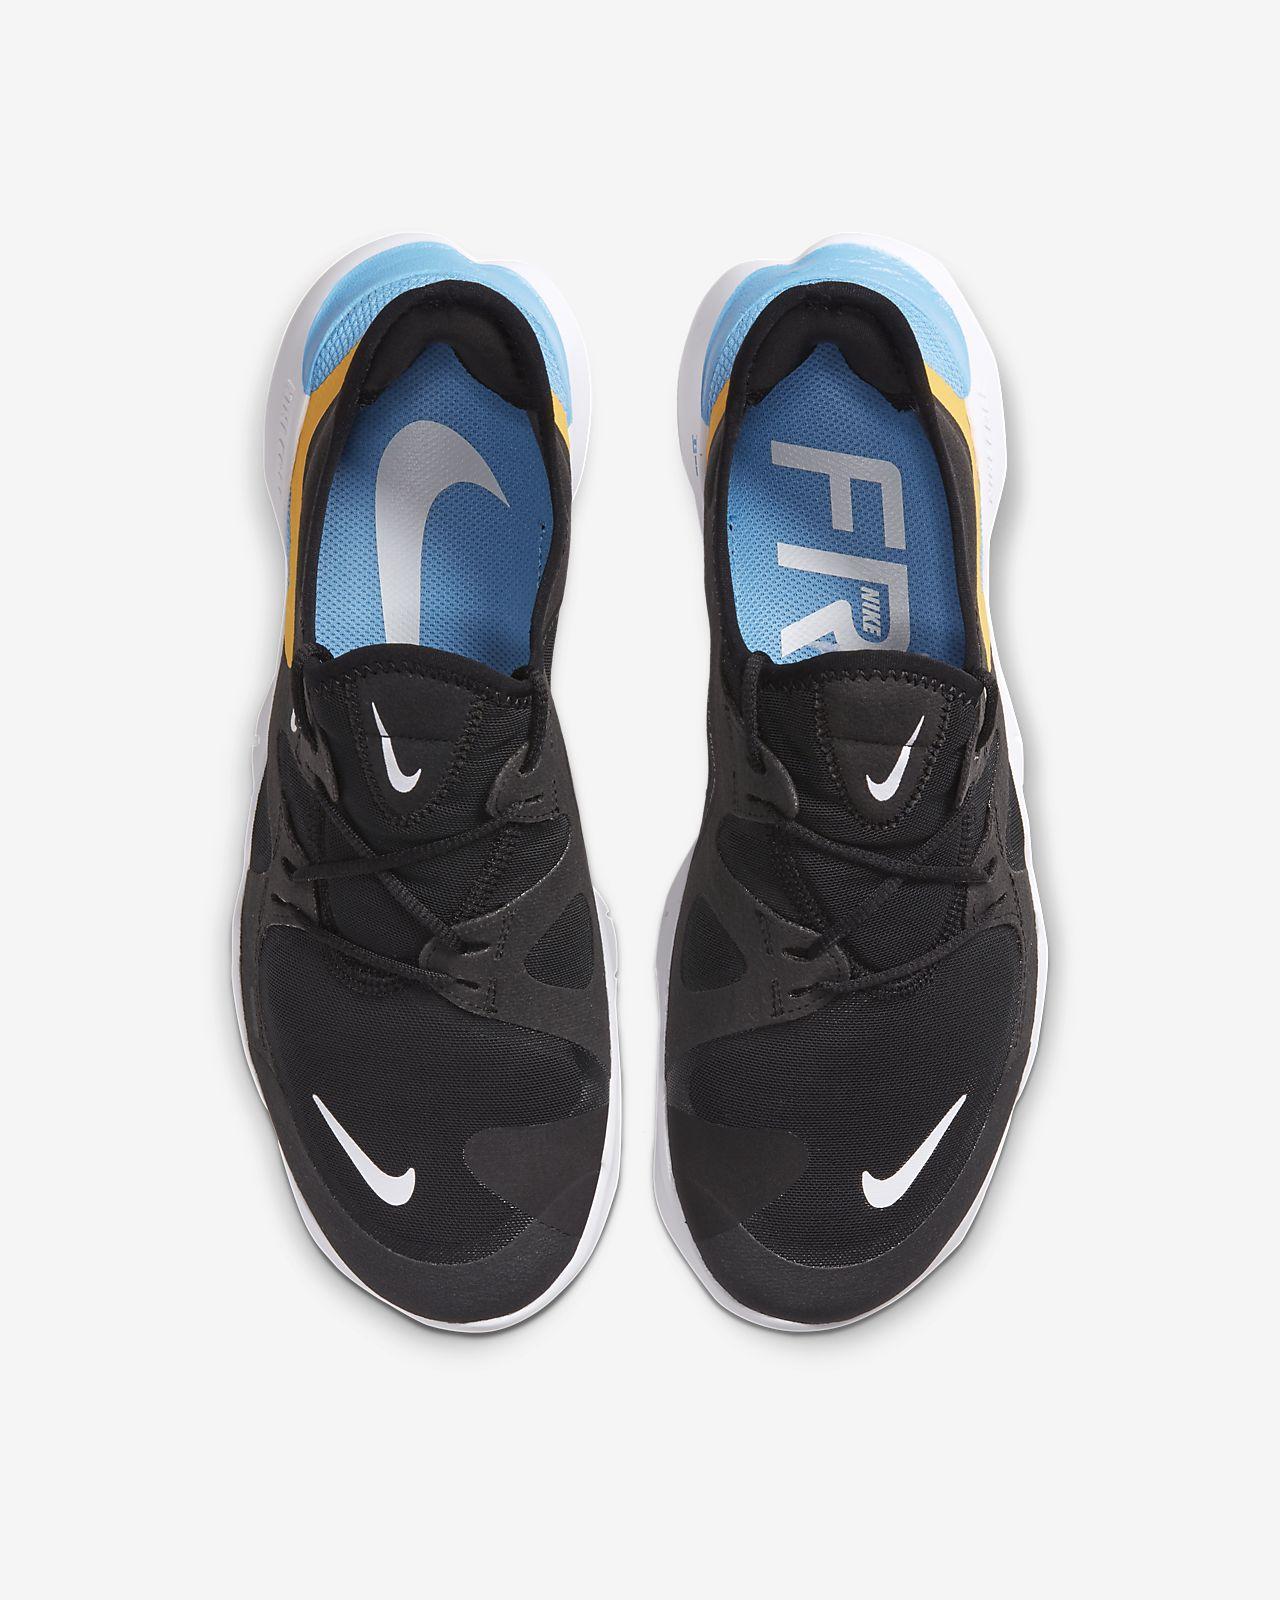 5 RN Laufschuh Nike 0 Free Herren W92IHED